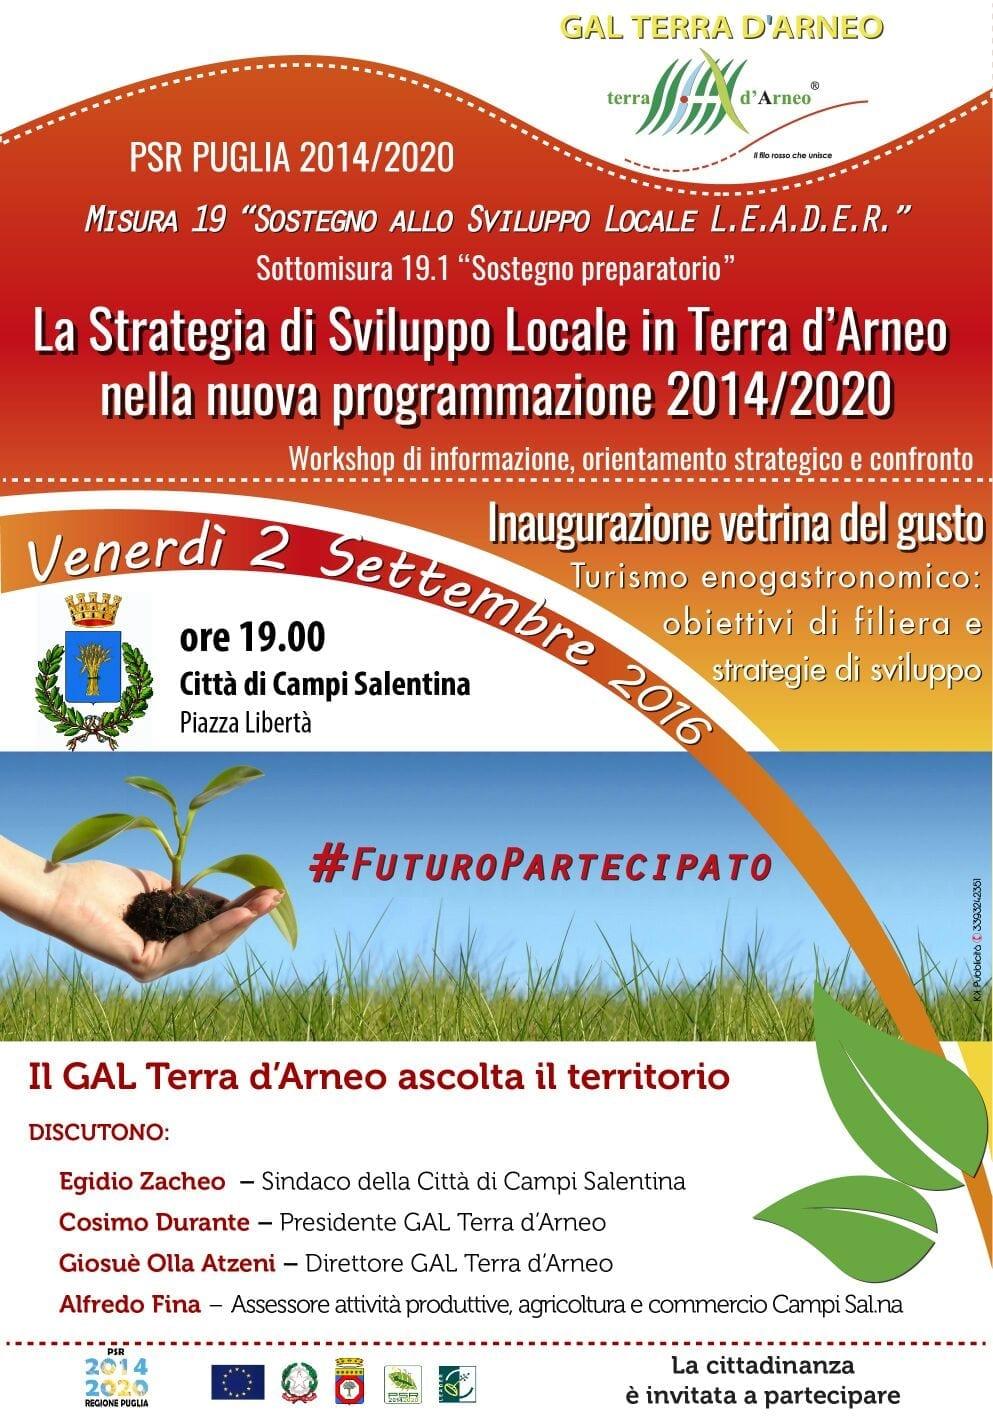 WORKSHOP: La strategia di Sviluppo Locale in Terra d'Arneo nella nuova programmazione 2014/2020